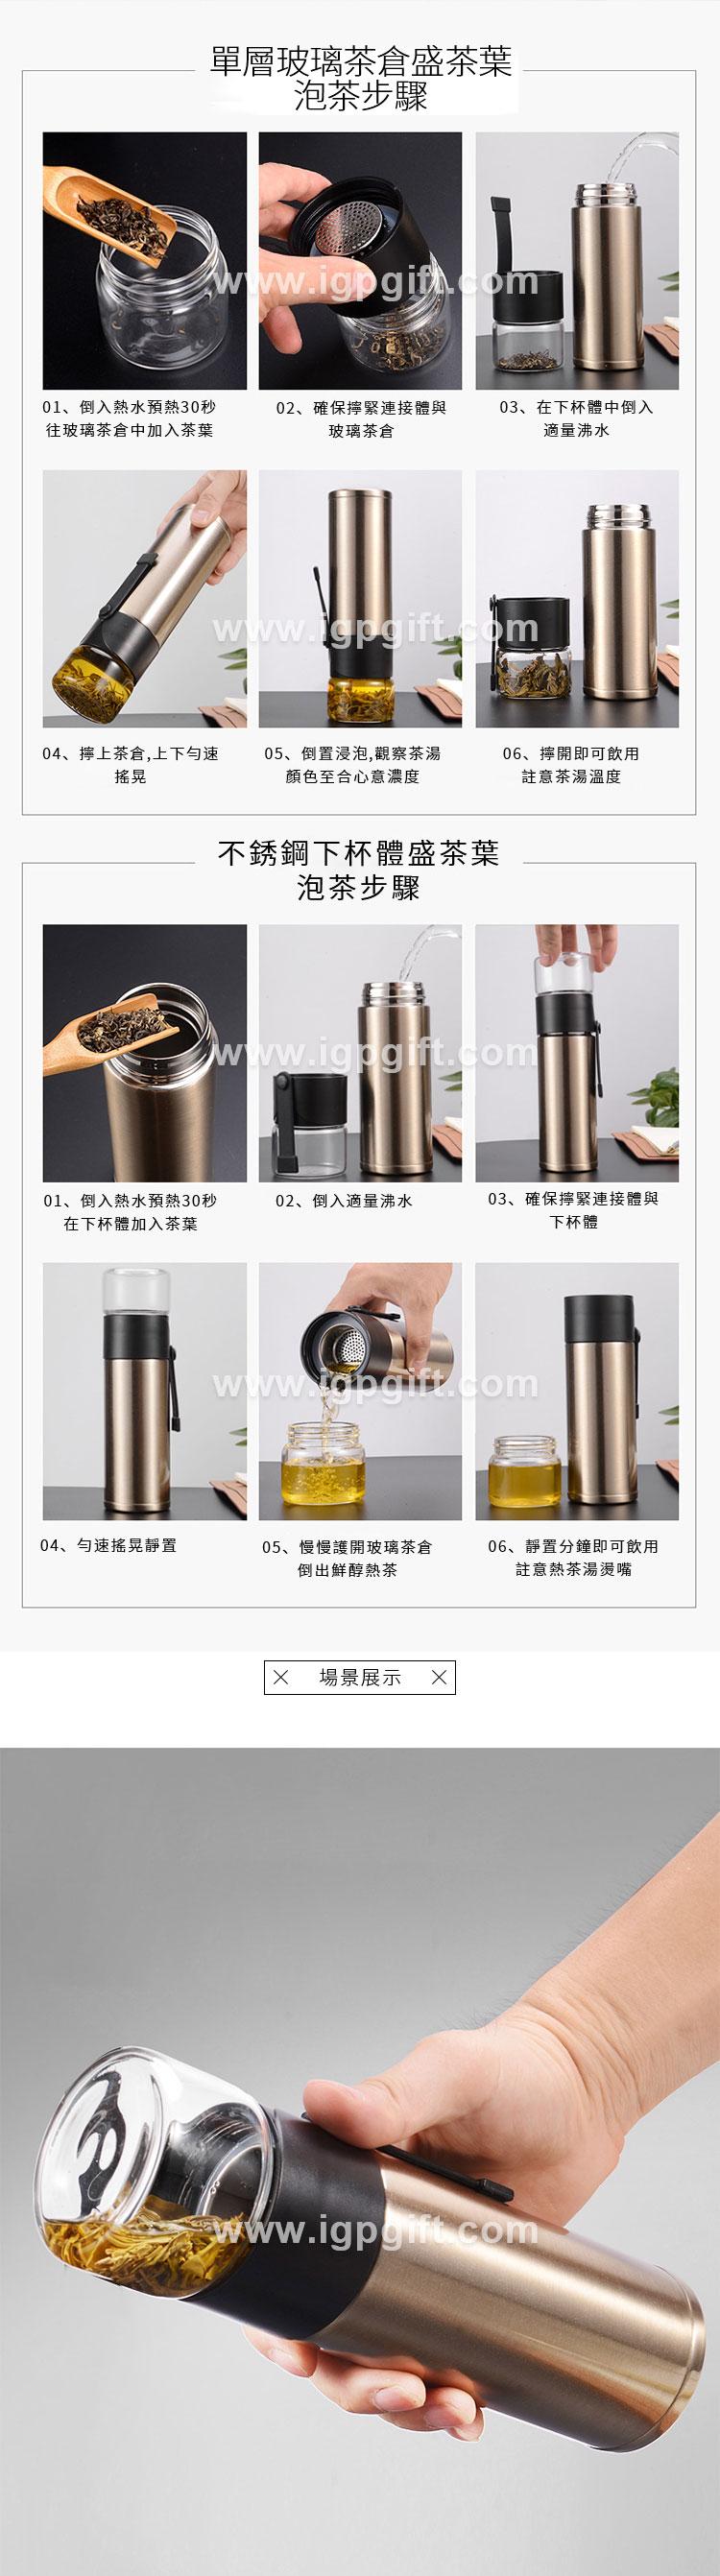 304不鏽鋼茶水